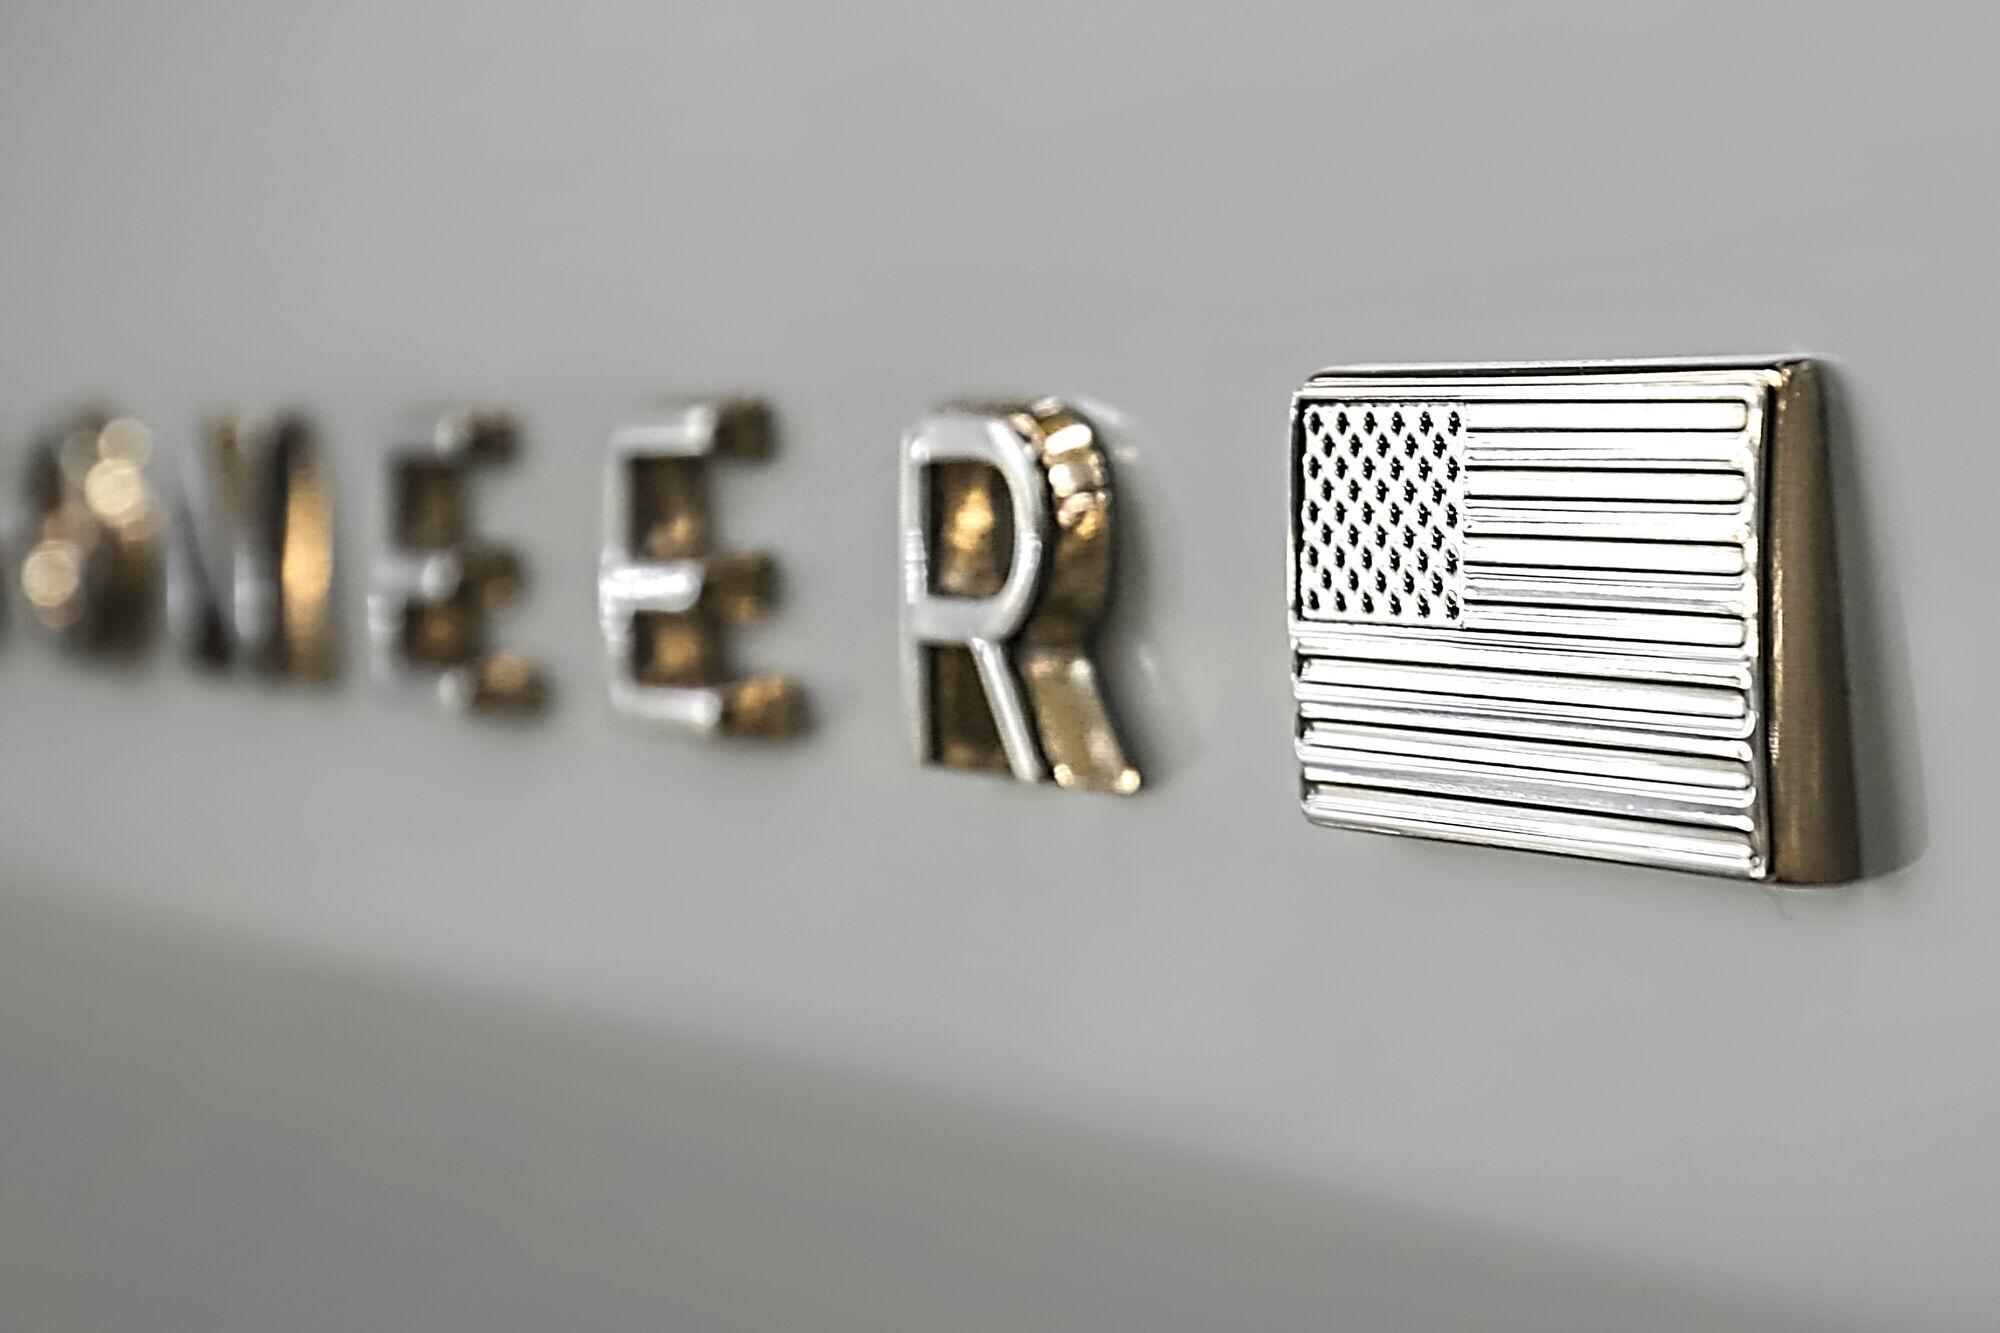 2021 Jeep Wagoneer – логотип с флагом. Фото: